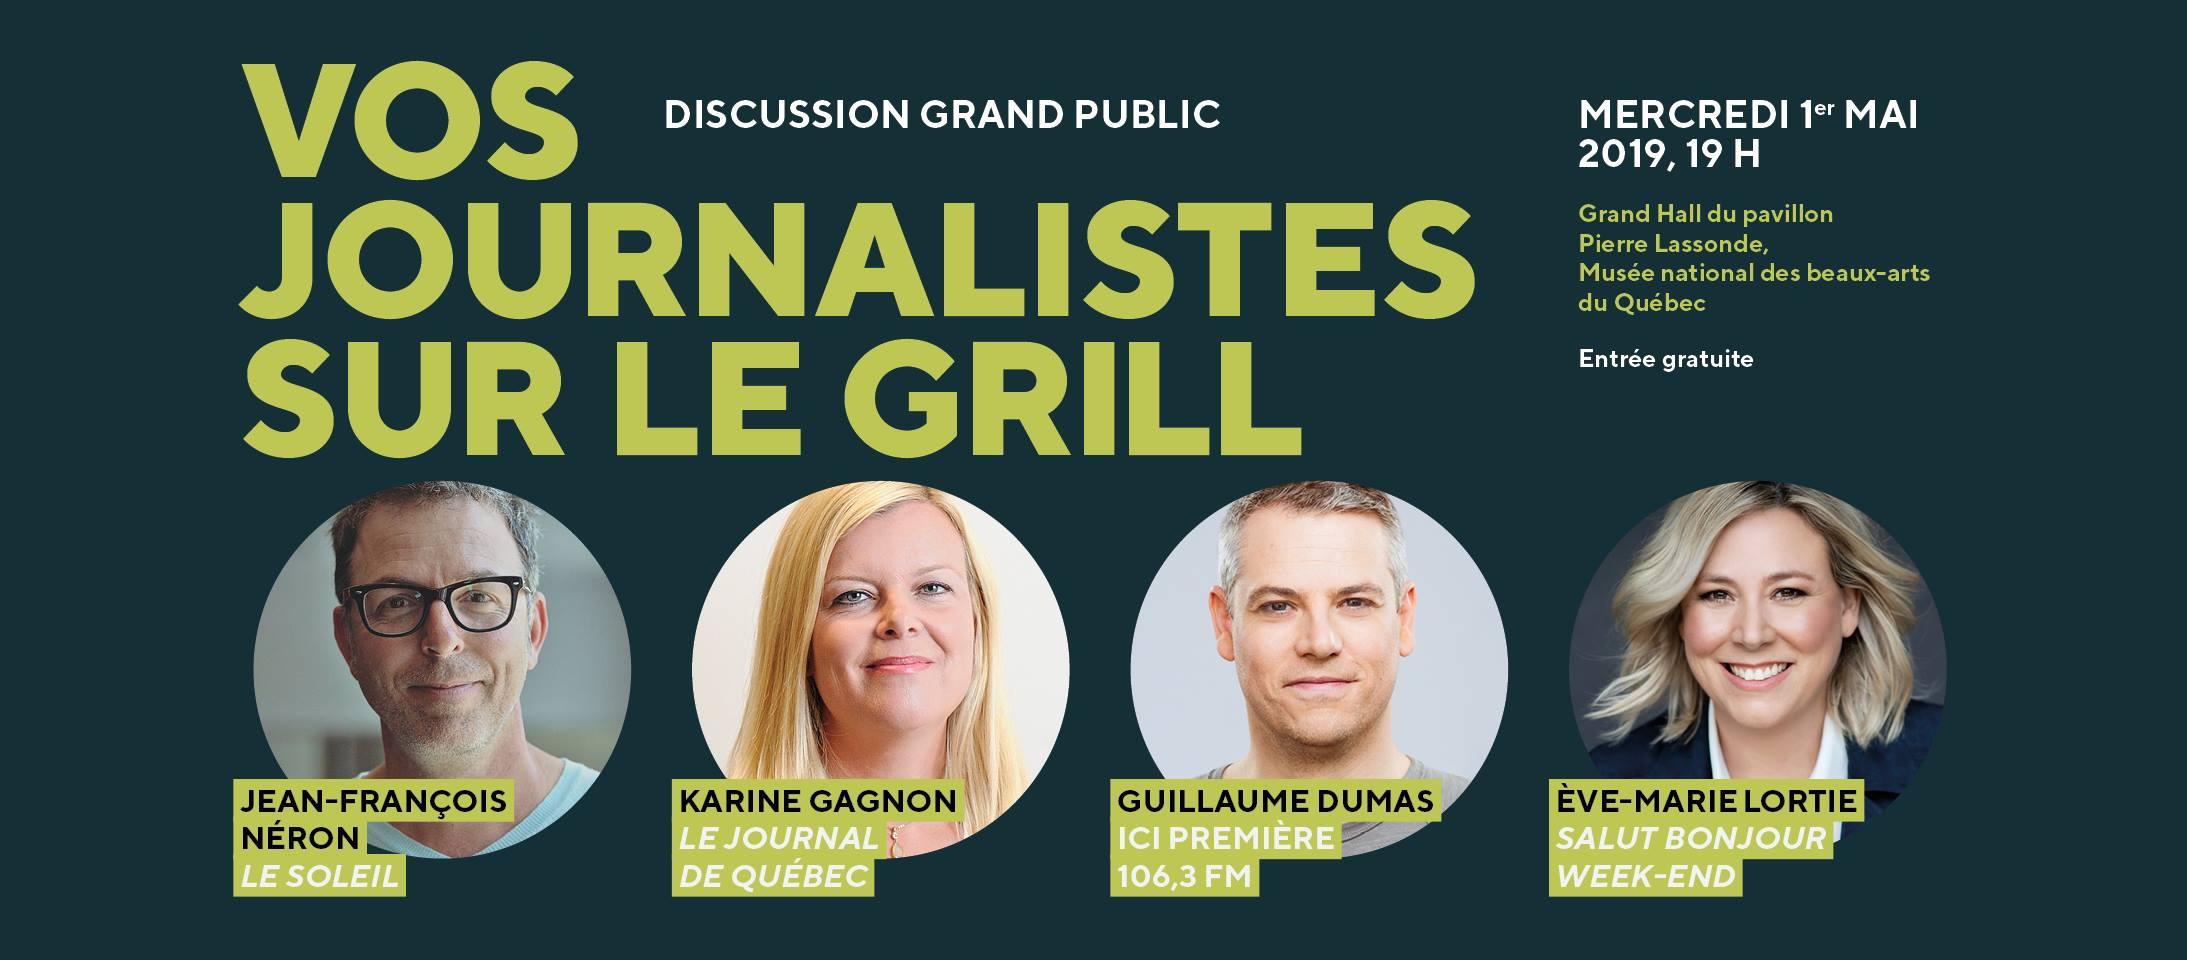 Discussion - Vos journalistes sur le grill